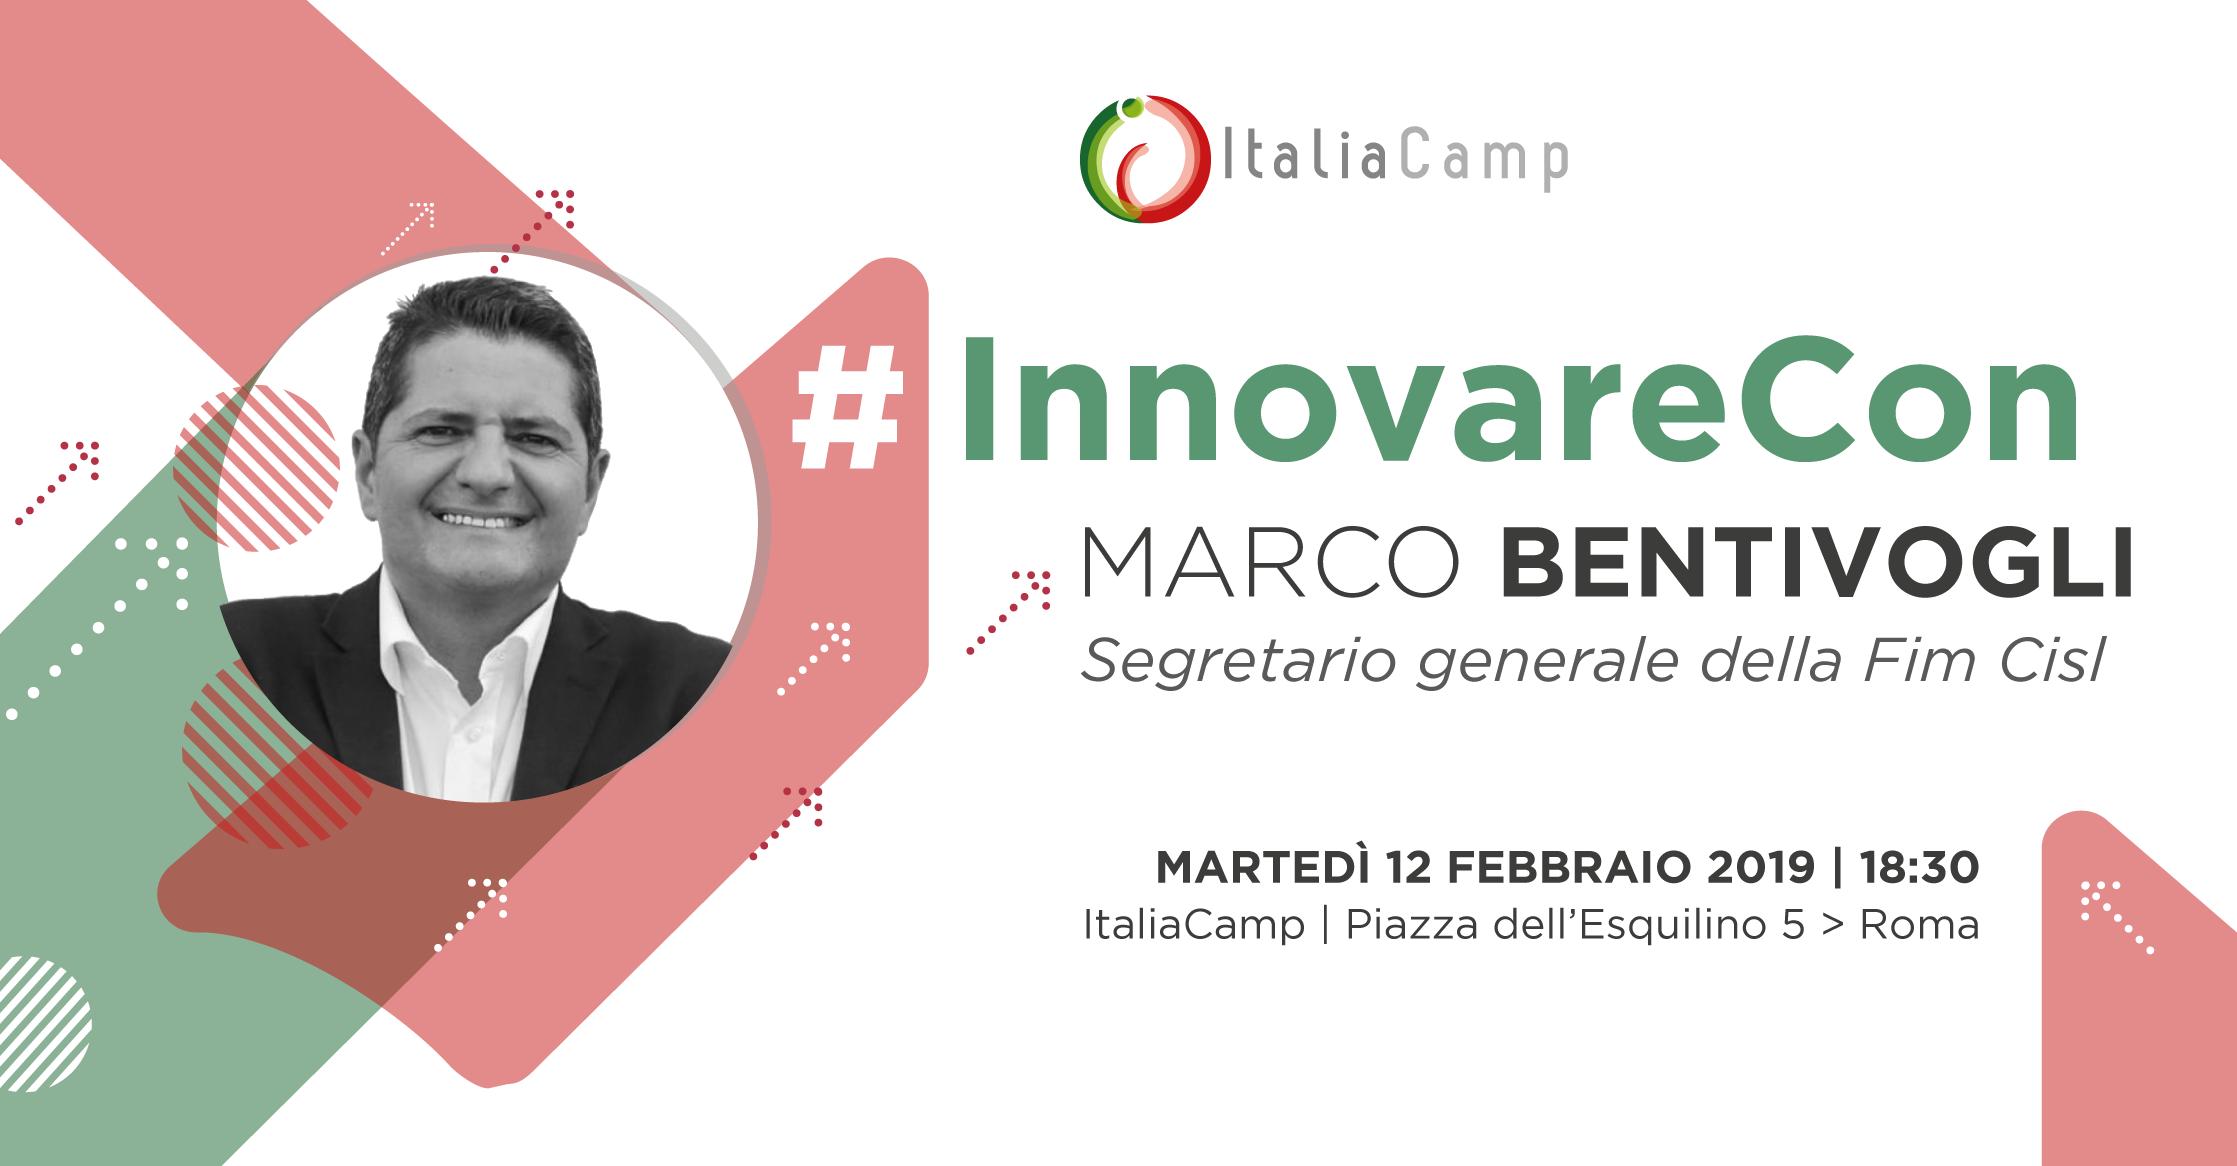 #InnovareCon Marco Bentivogli